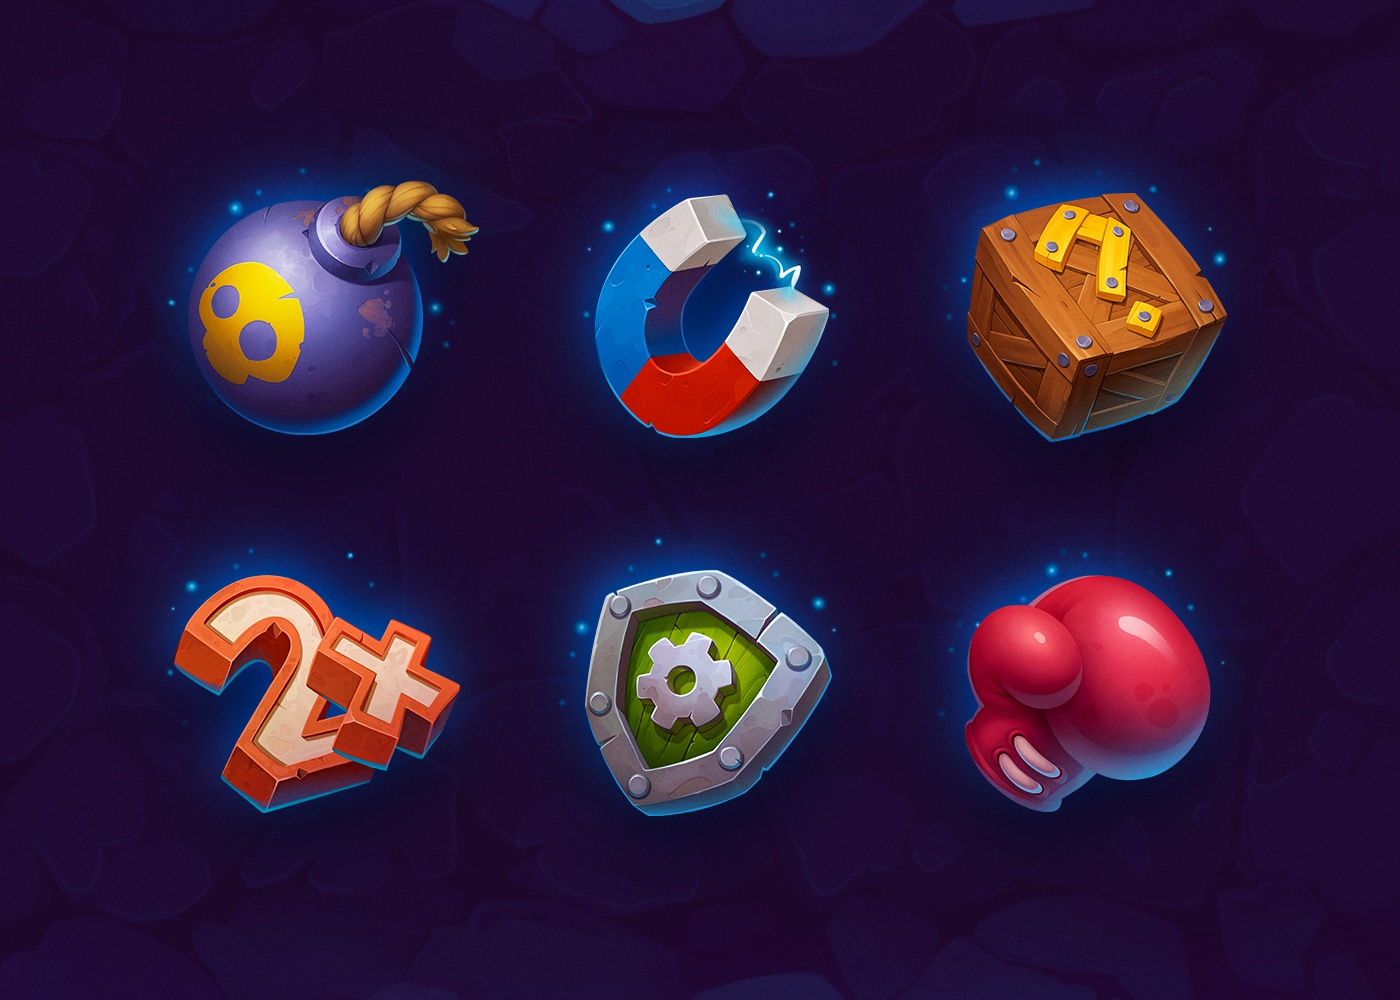 Brofix icons